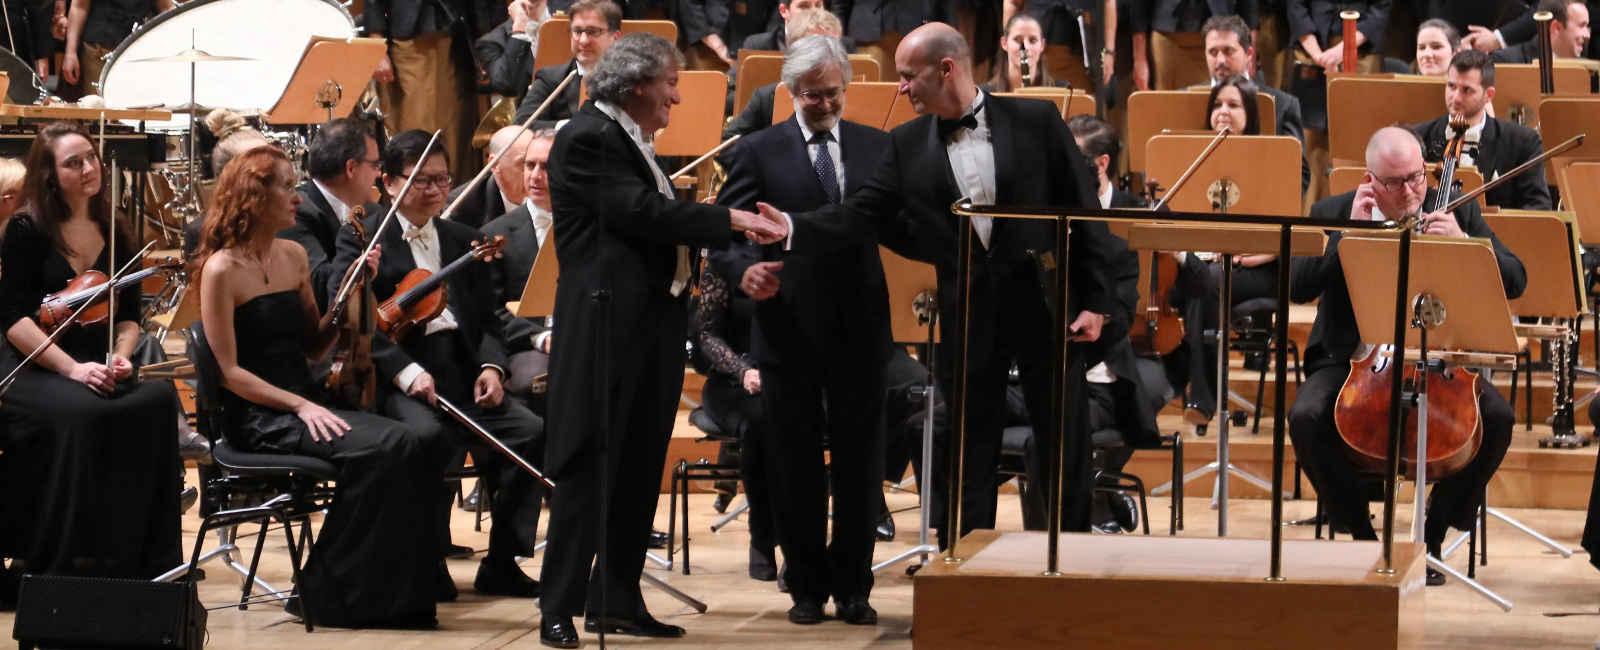 Concierto de la ORCAM en el Auditorio Nacional.KIKE PARA.